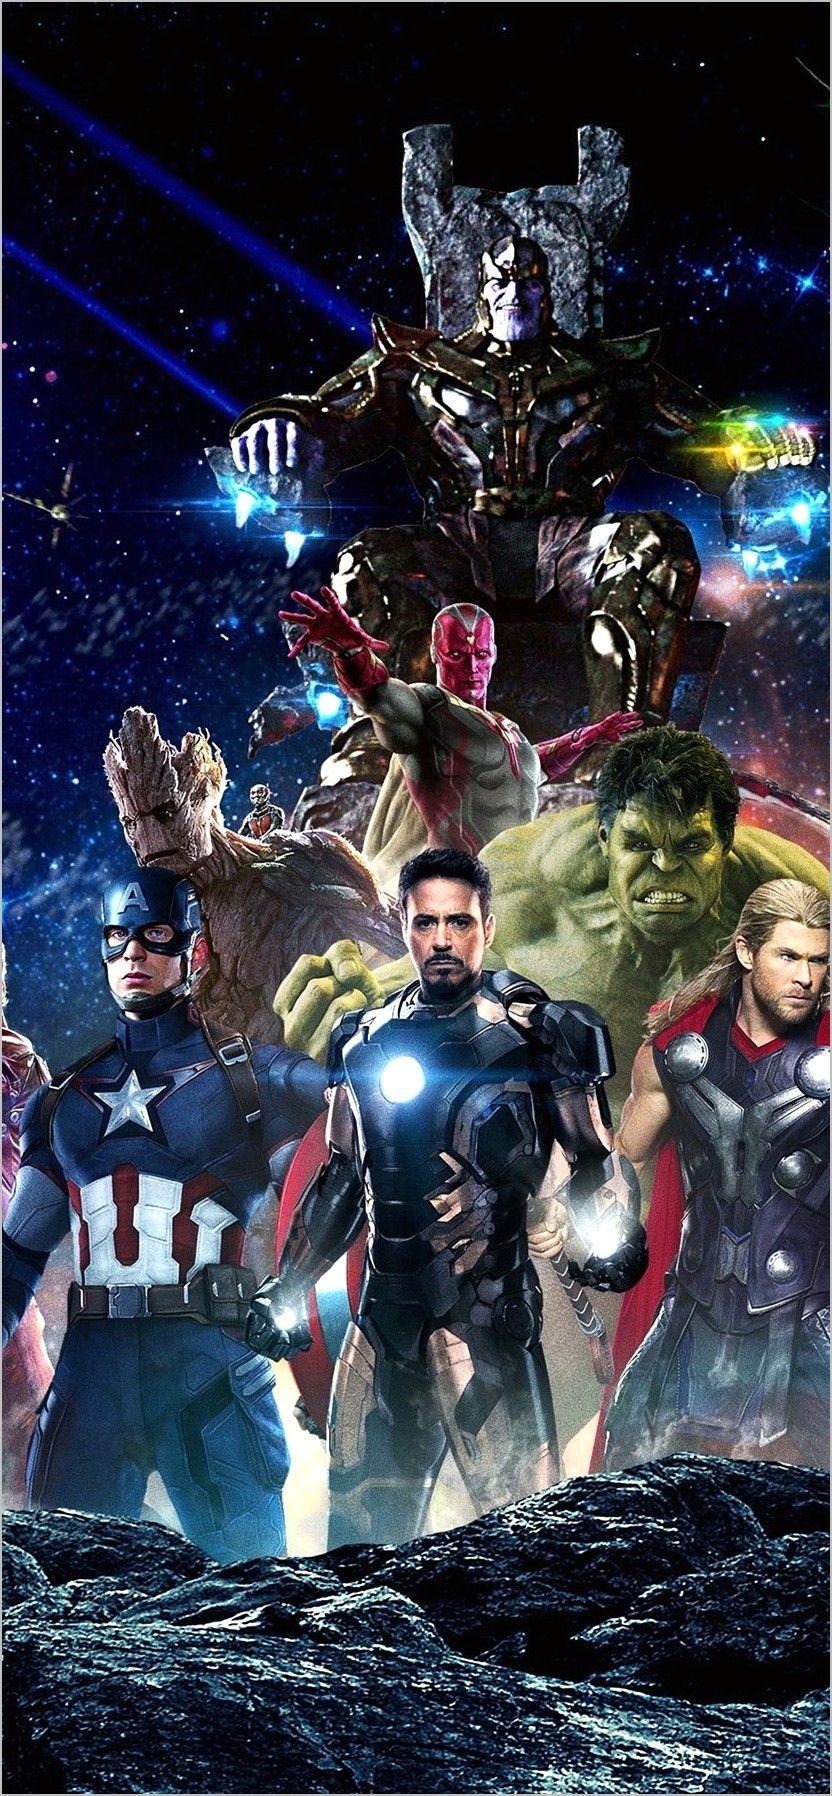 Avengers 4k Wallpapers For Mobile 4k Wallpaper For Mobile Mobile Wallpaper Movie Wallpapers Full hd avengers wallpaper hd for mobile